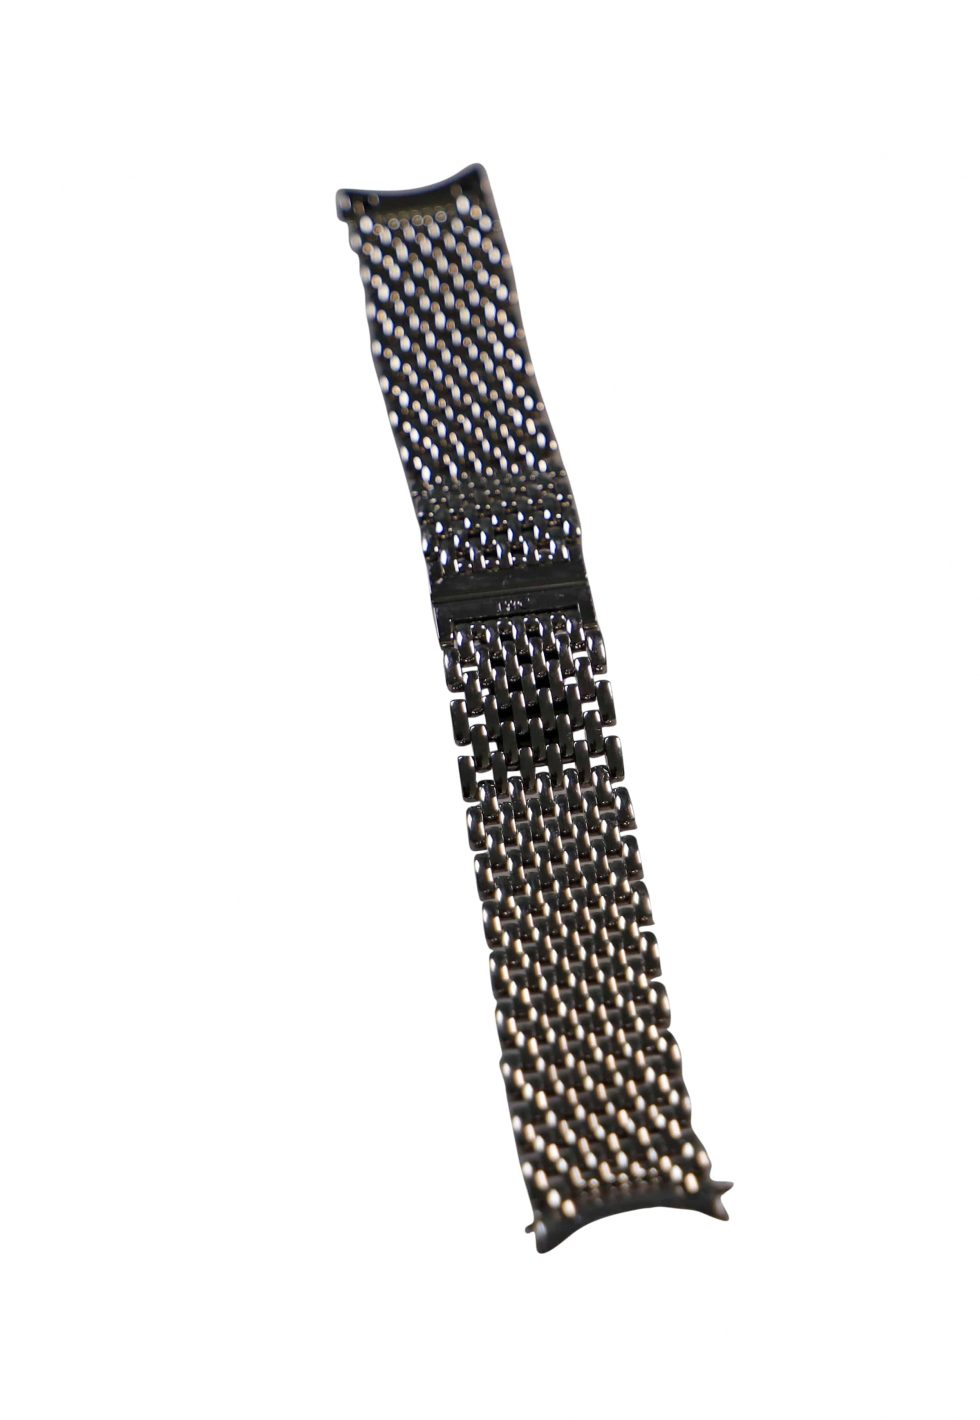 Lot #6448A – IWC Portofino 18mm Rice Beads Watch Bracelet Watch Bracelets [tag]